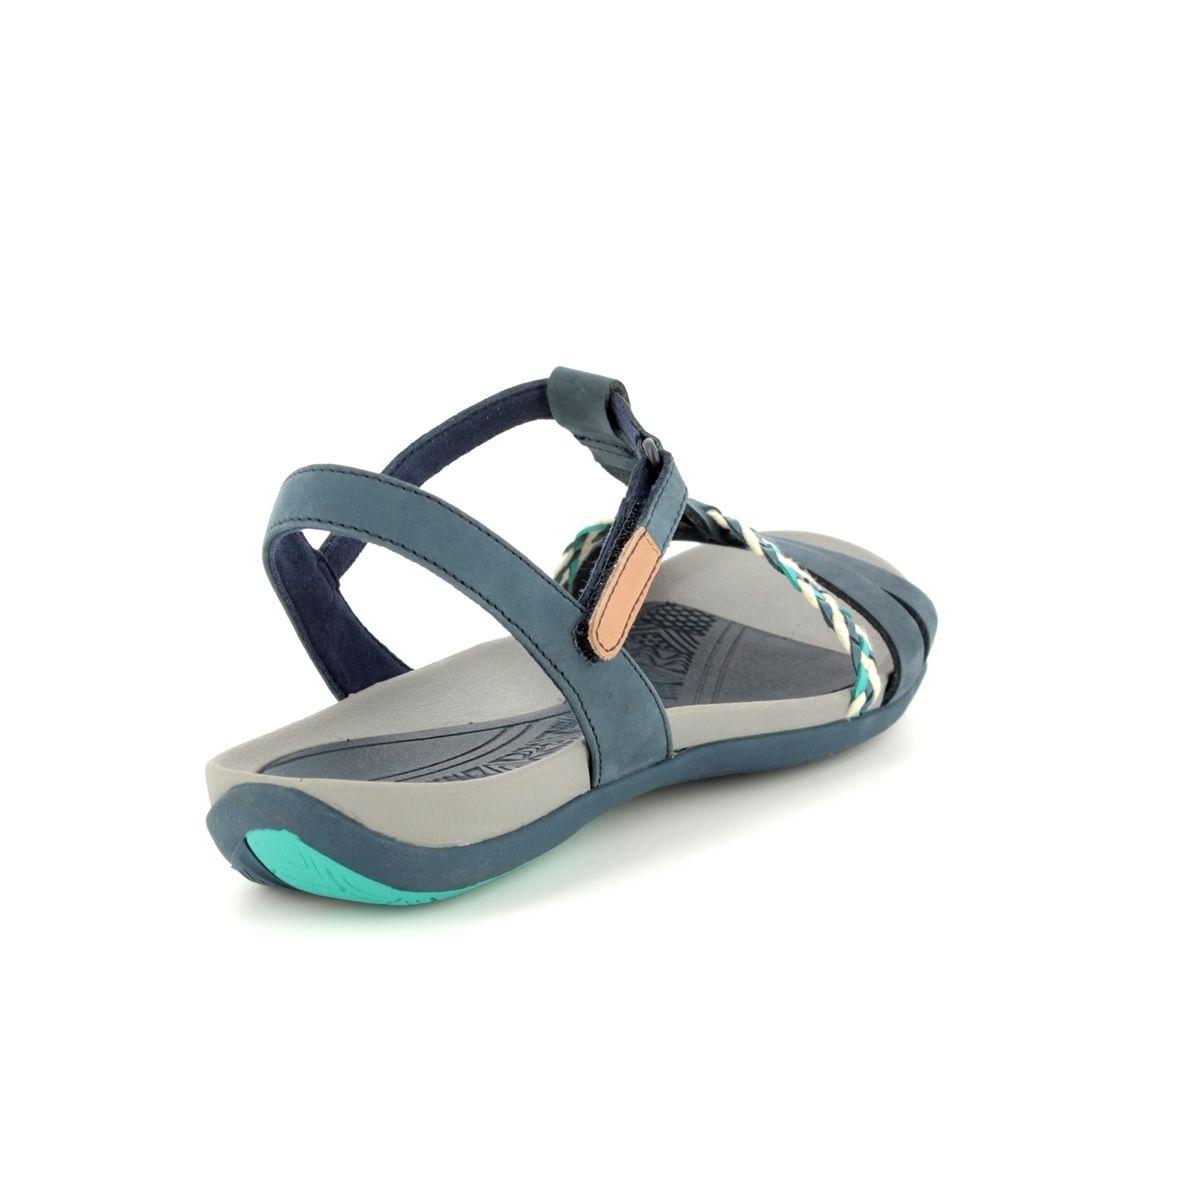 8e86c2f8e20 Clarks Sandals - Navy - 2389 44D TEALITE GRACE